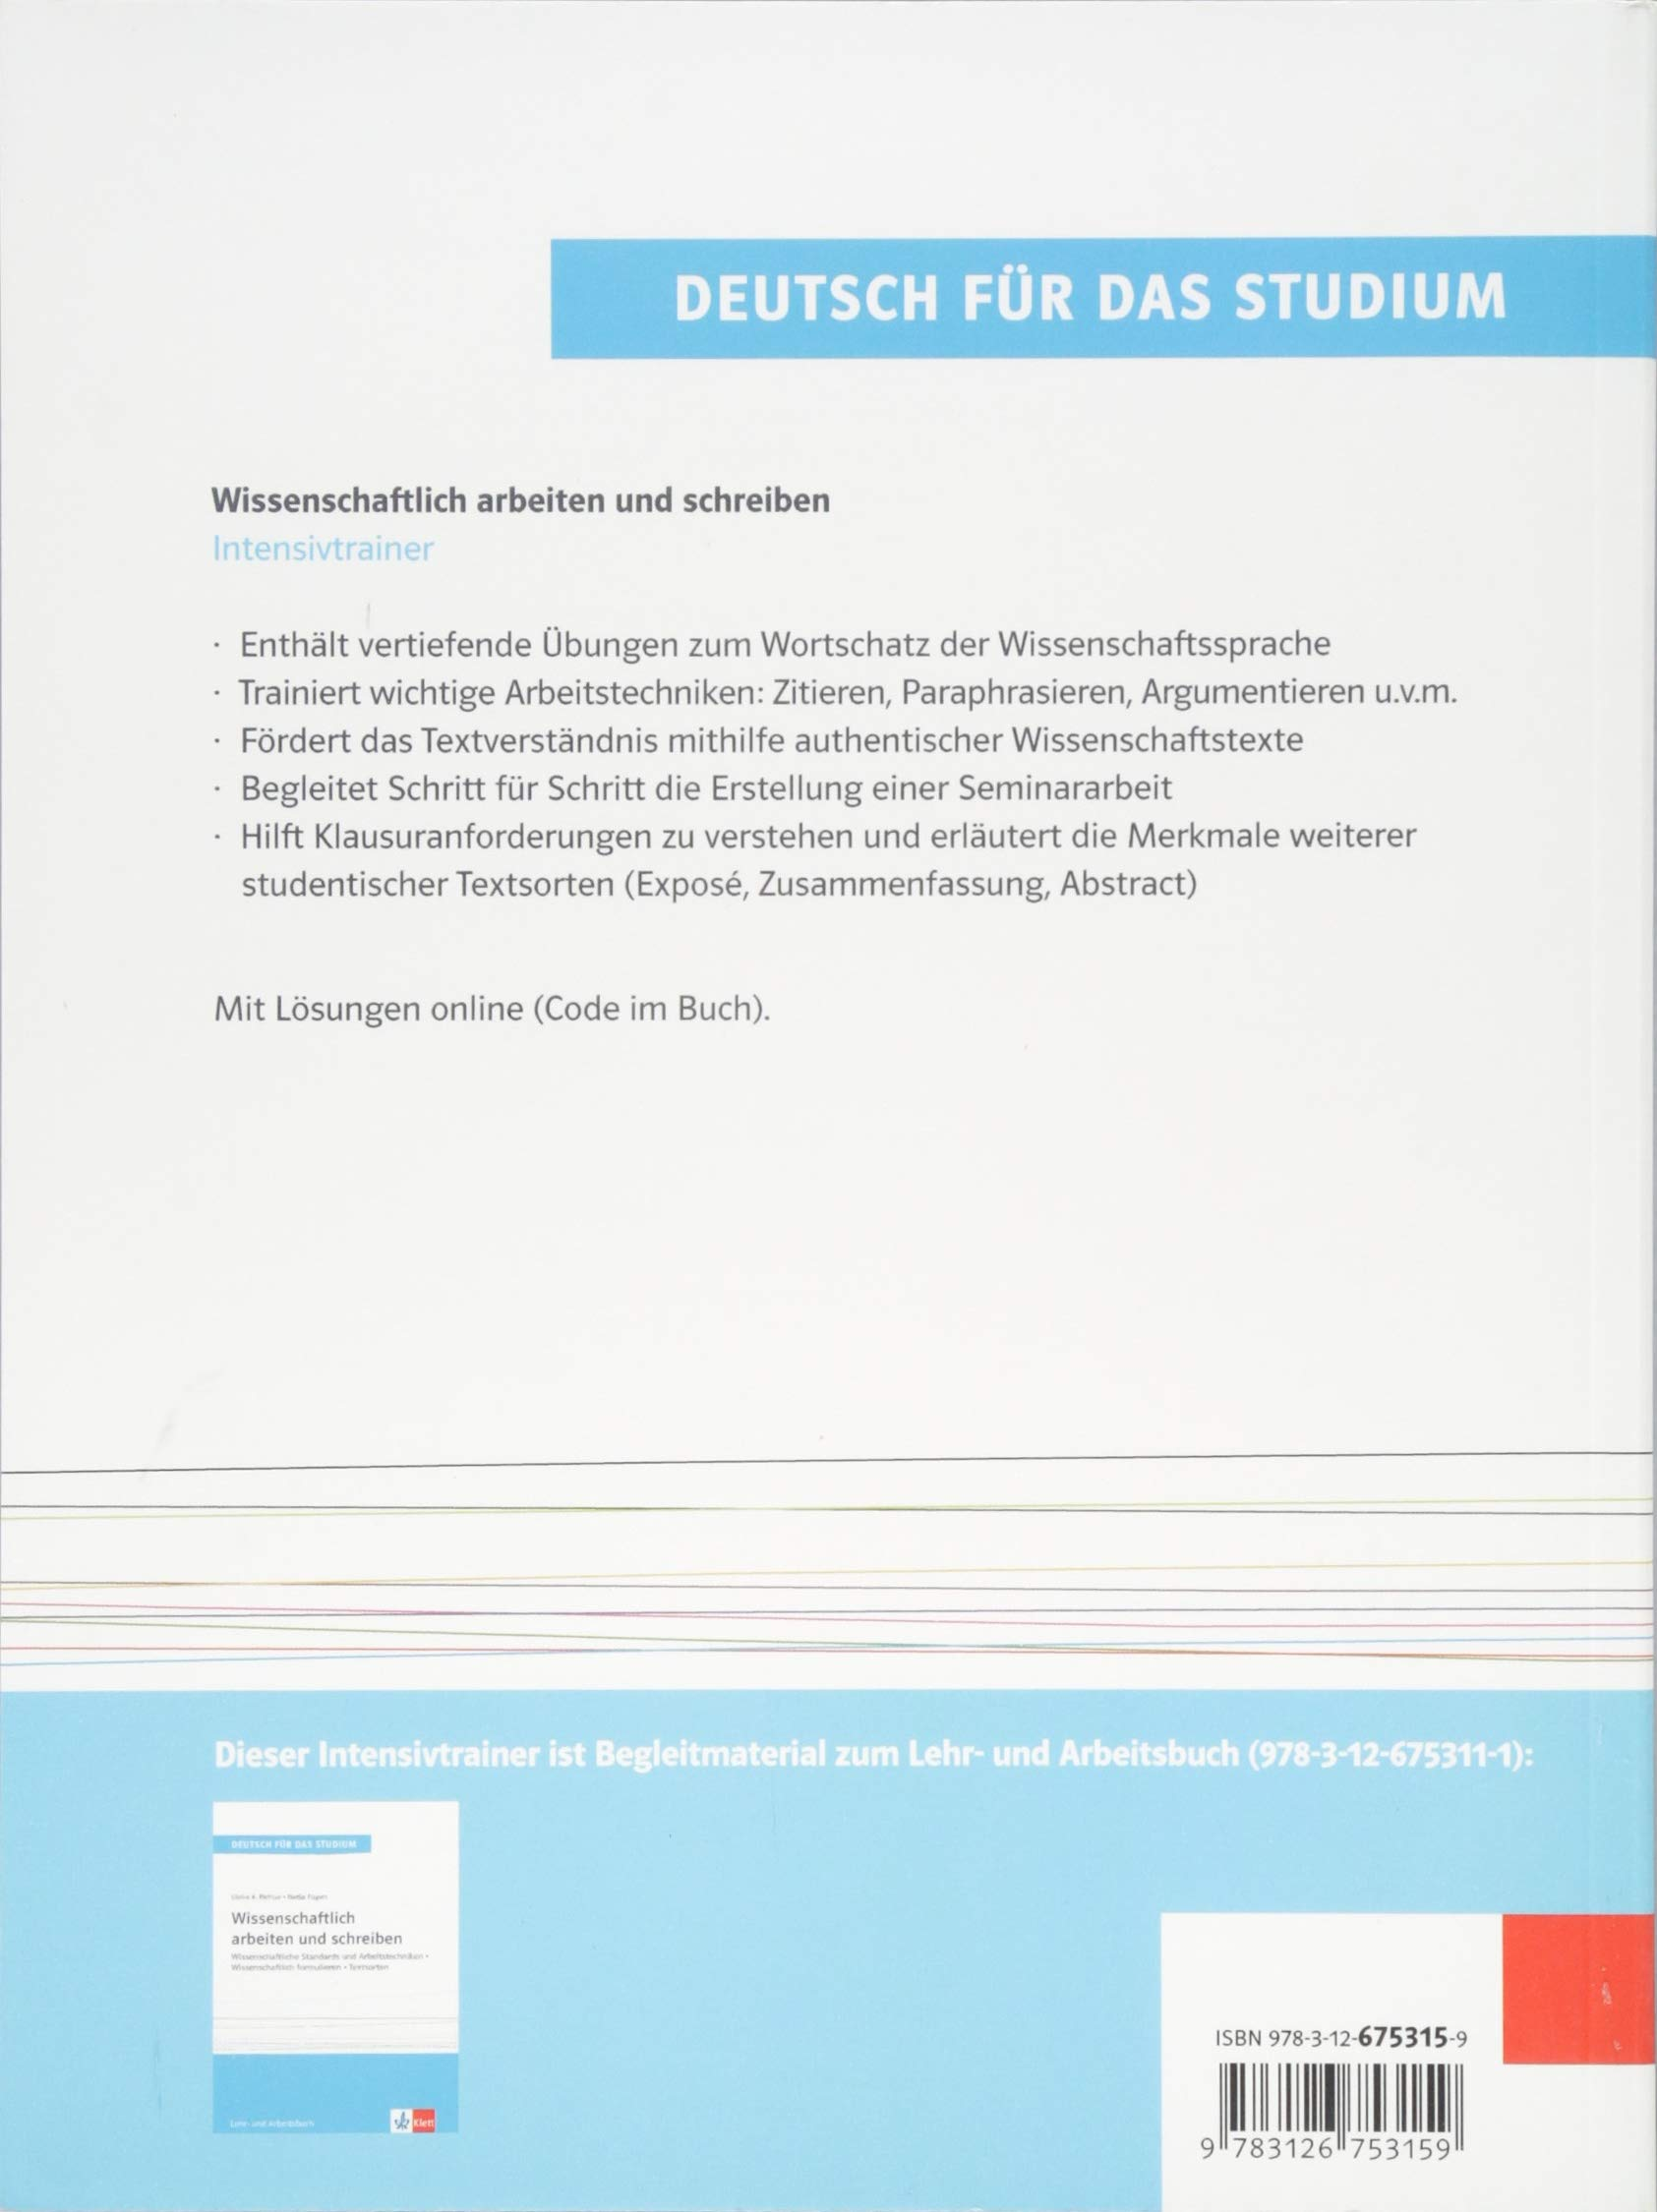 Allgemeinwissen Deutschland Zusammenfassung